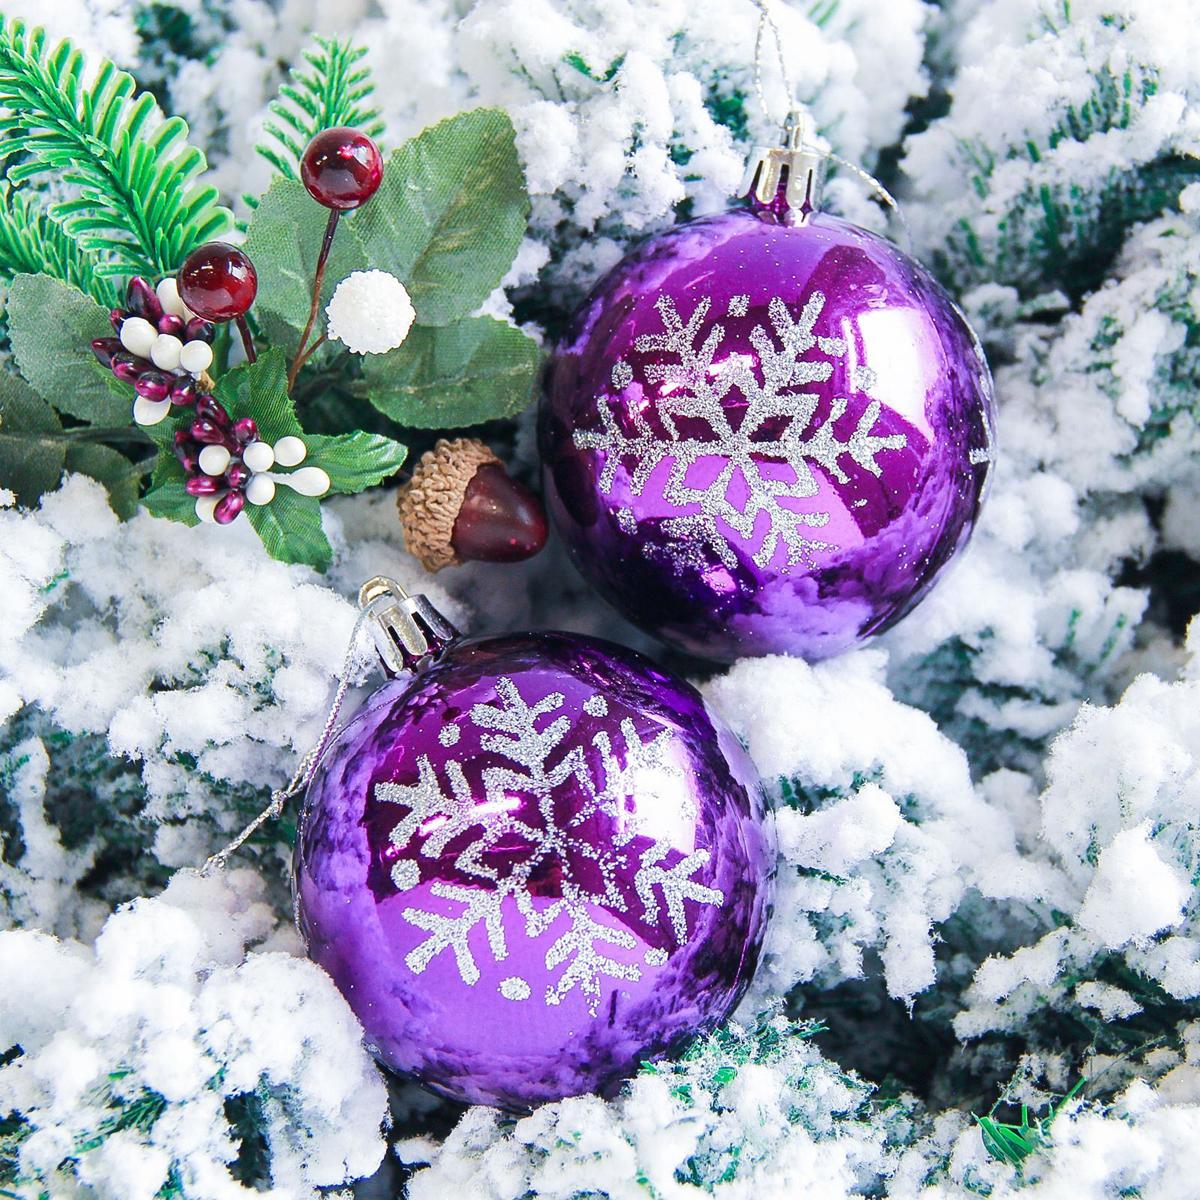 Набор новогодних подвесных украшений Sima-land Снежинка. Капель, цвет: сиреневый, диаметр 7 см, 6 шт2178206Невозможно представить нашу жизнь без праздников! Мы всегда ждём их и предвкушаем, обдумываем, как проведём памятный день, тщательно выбираем подарки и аксессуары, ведь именно они создают и поддерживают торжественный настрой.